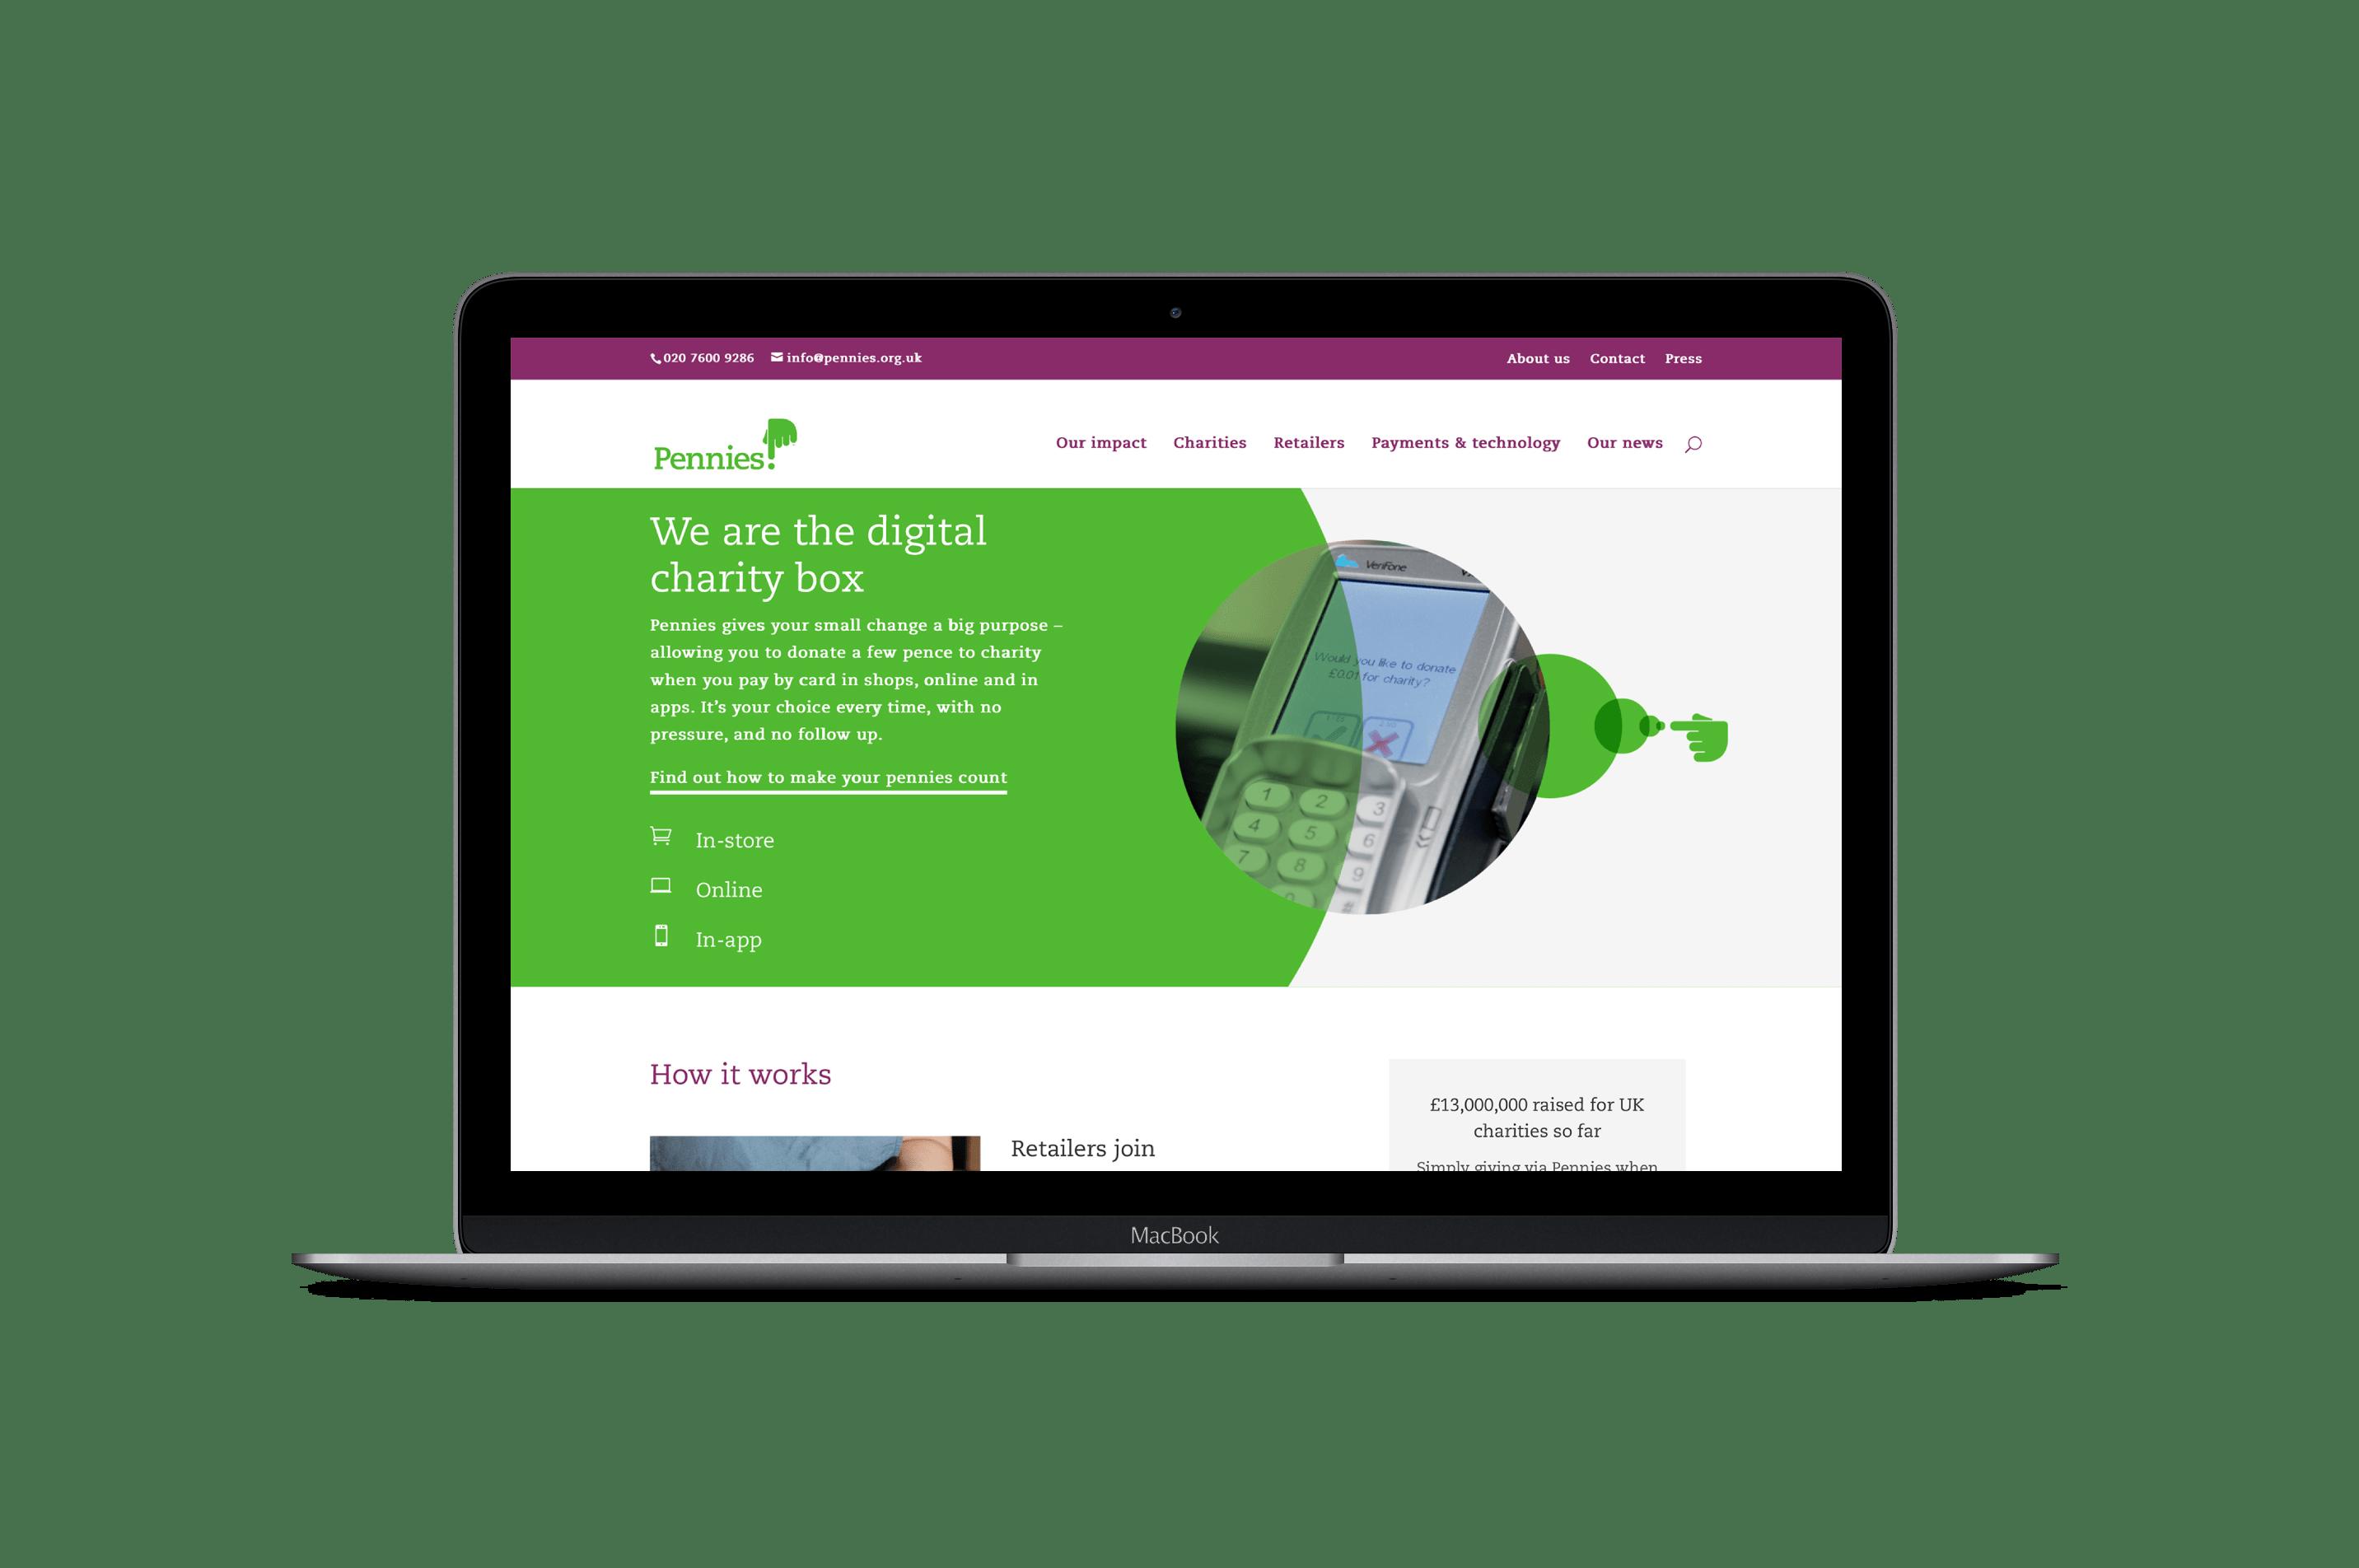 Pennies website homepage displayed on MacBook laptop